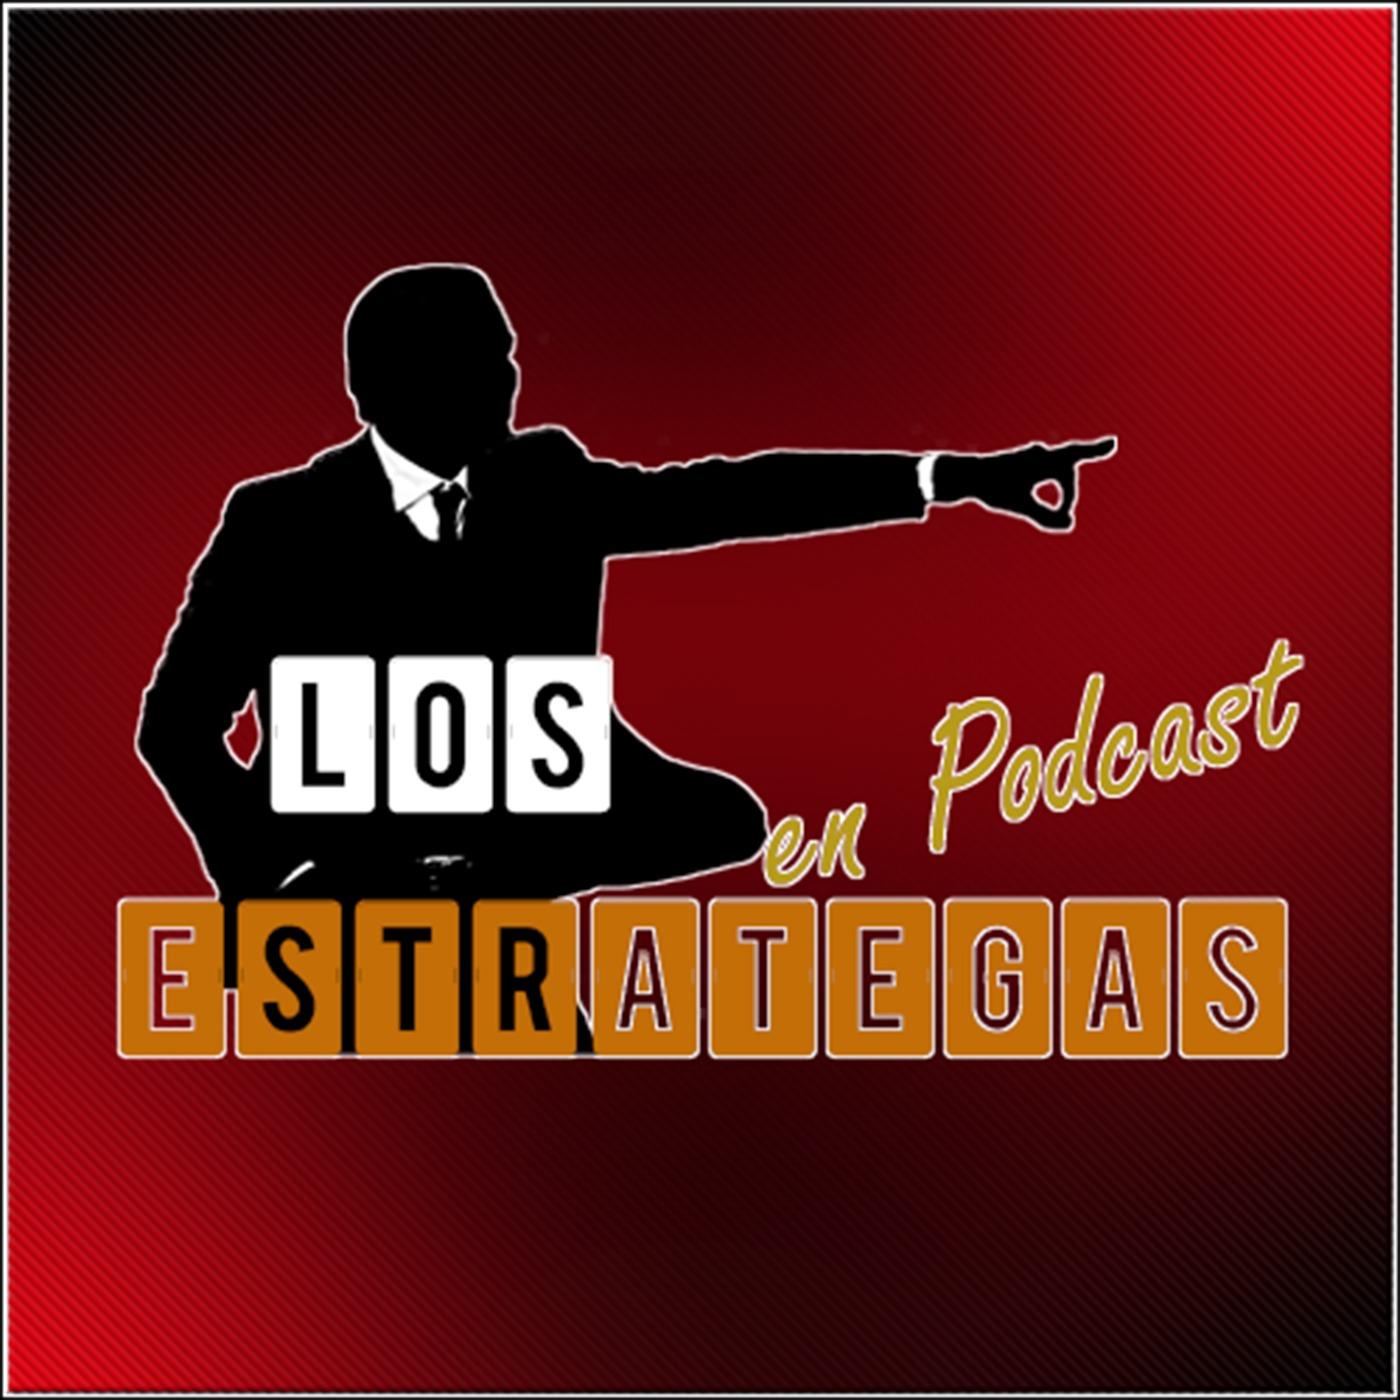 <![CDATA[Los Estrategas MX (Podcast) - www.poderato.com/losestrategasmx]]>